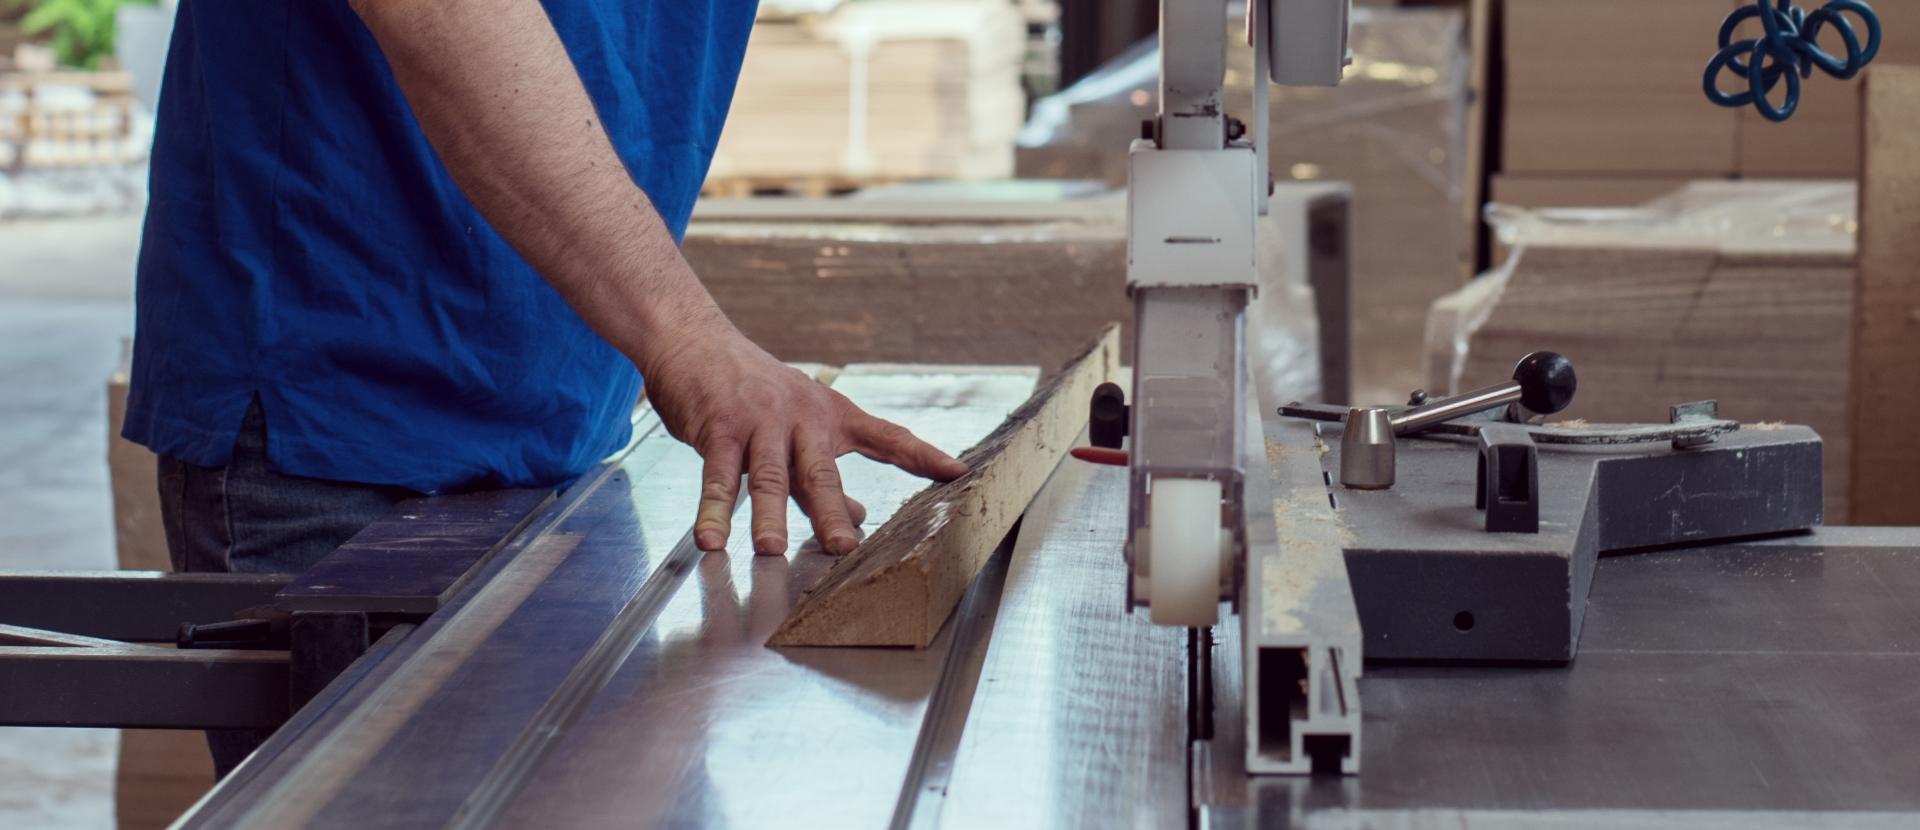 Un servizio completo, dalla falegnameria alla verniciatura fino al montaggio